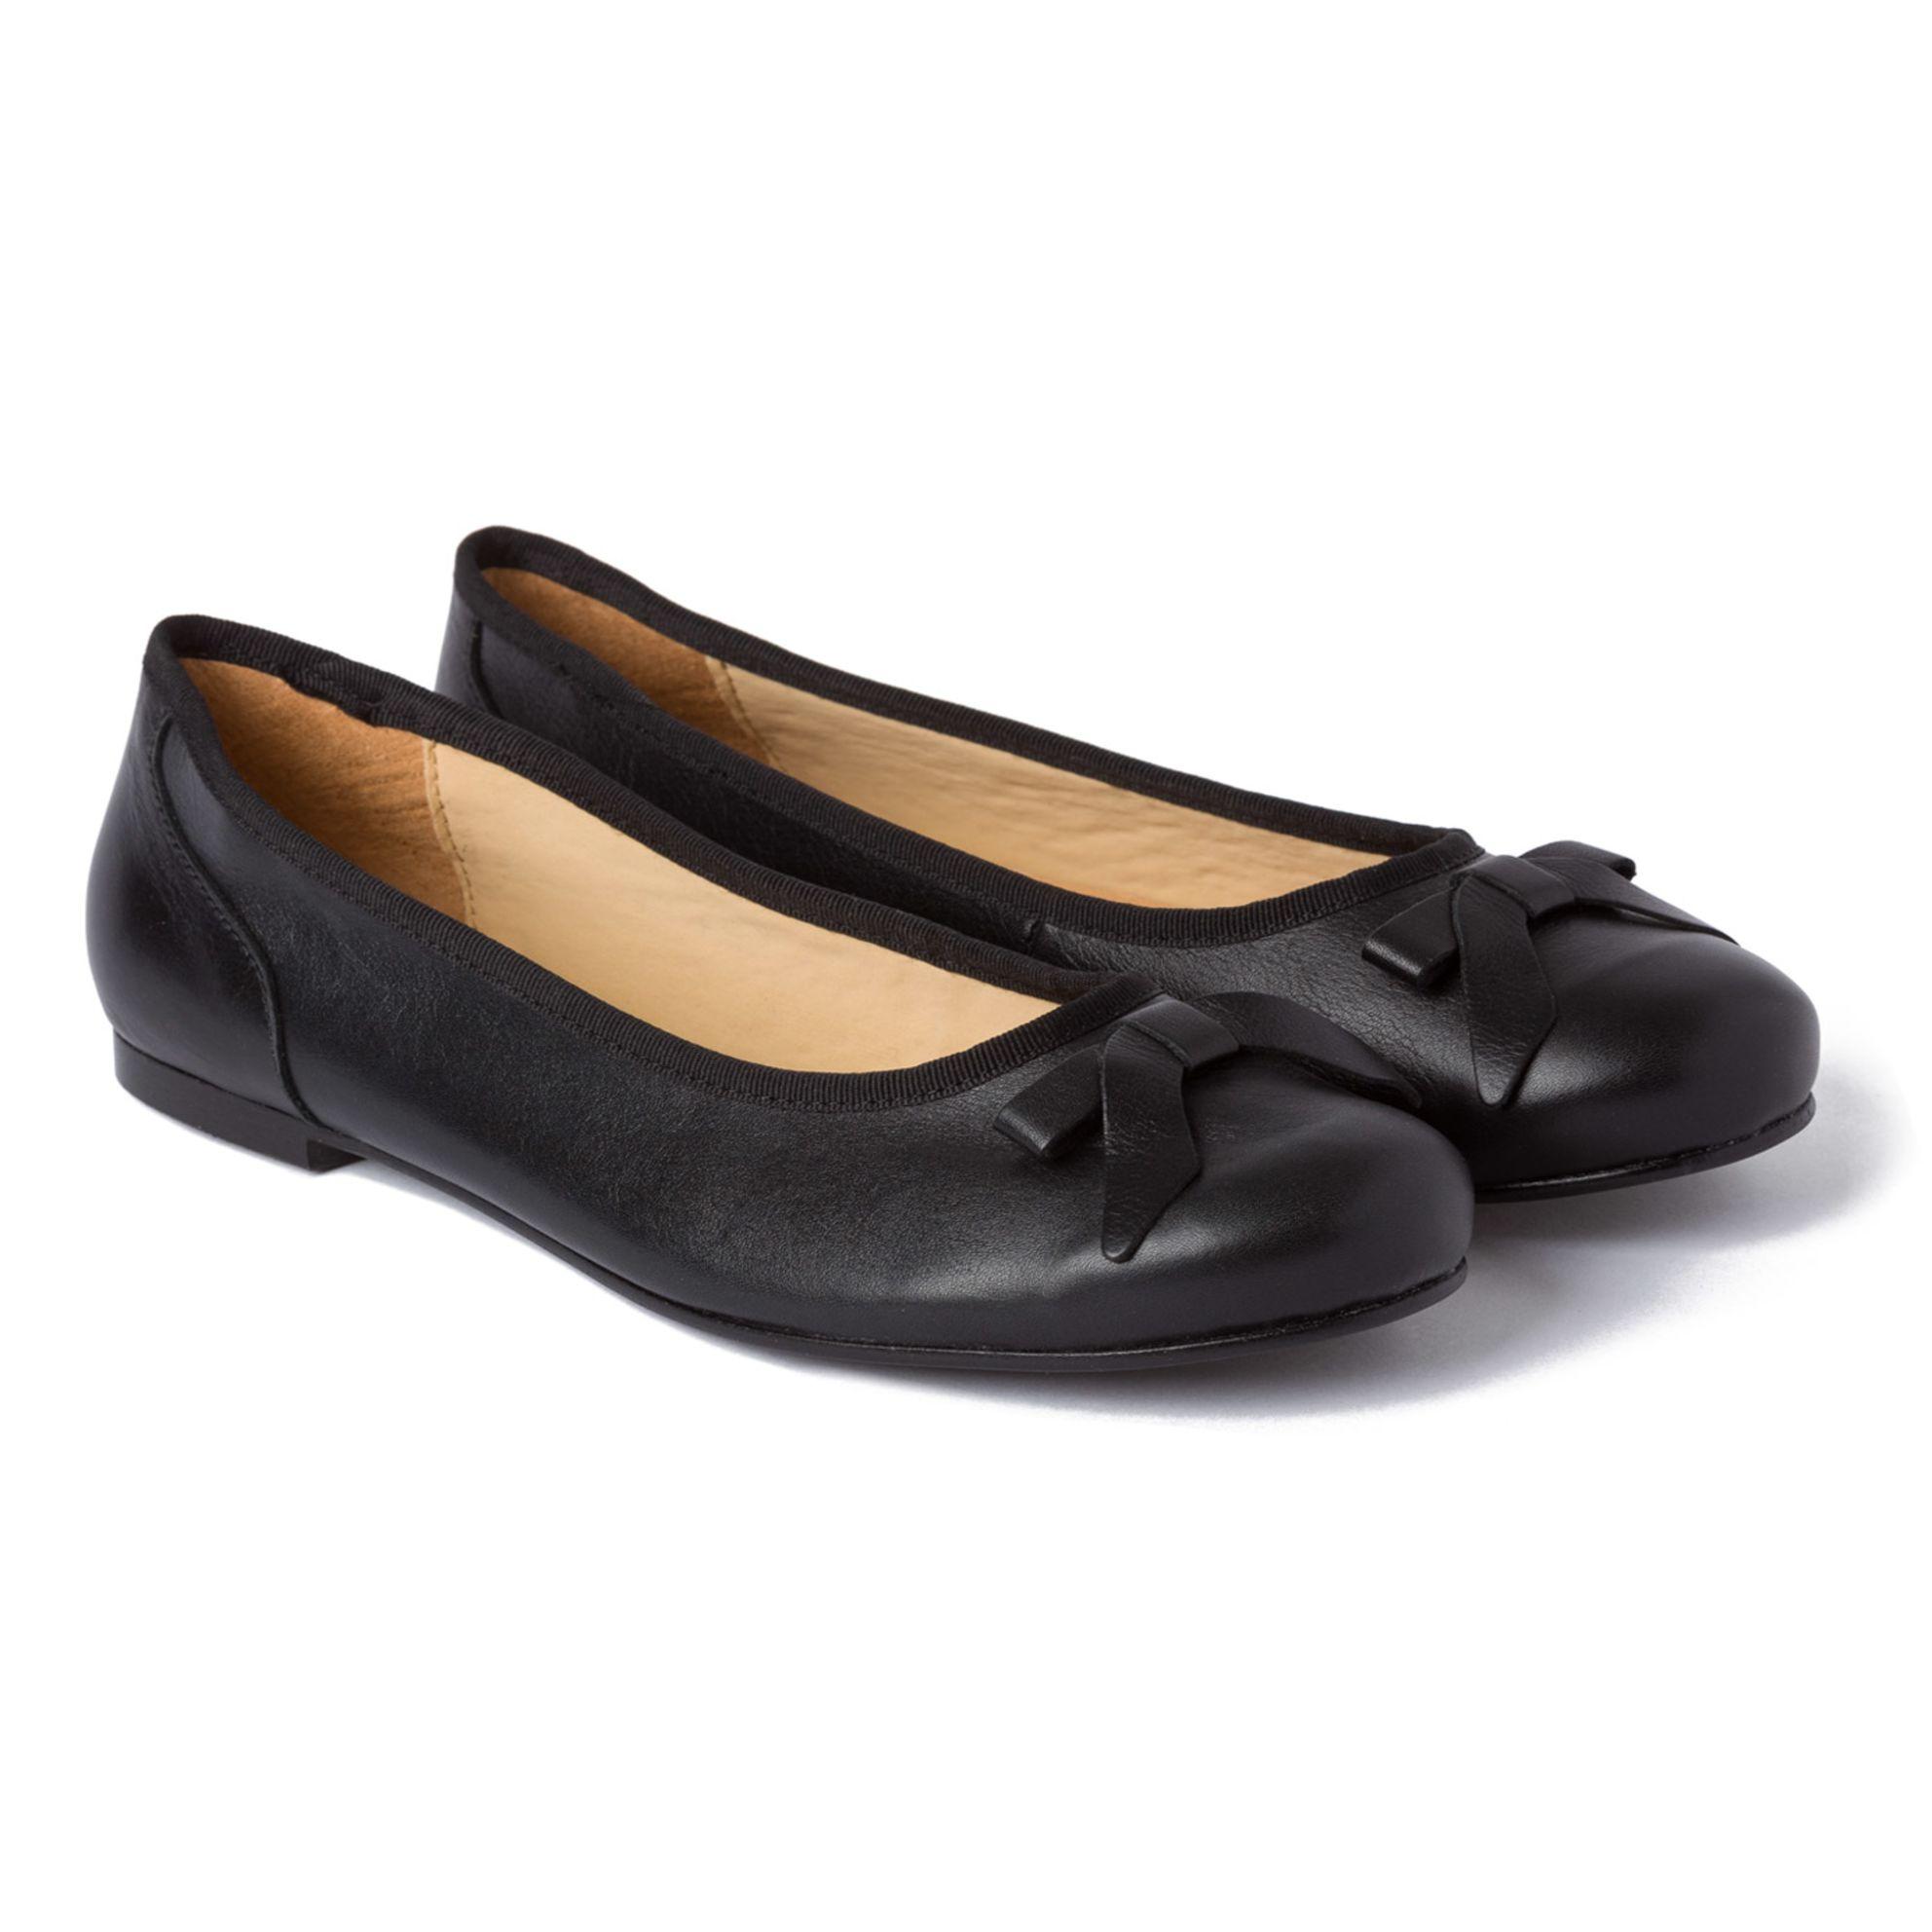 Ballerina mit Schleife Schwarz – modischer und bequemer Schuh für Hallux valgus und empfindliche Füße von LaShoe.de